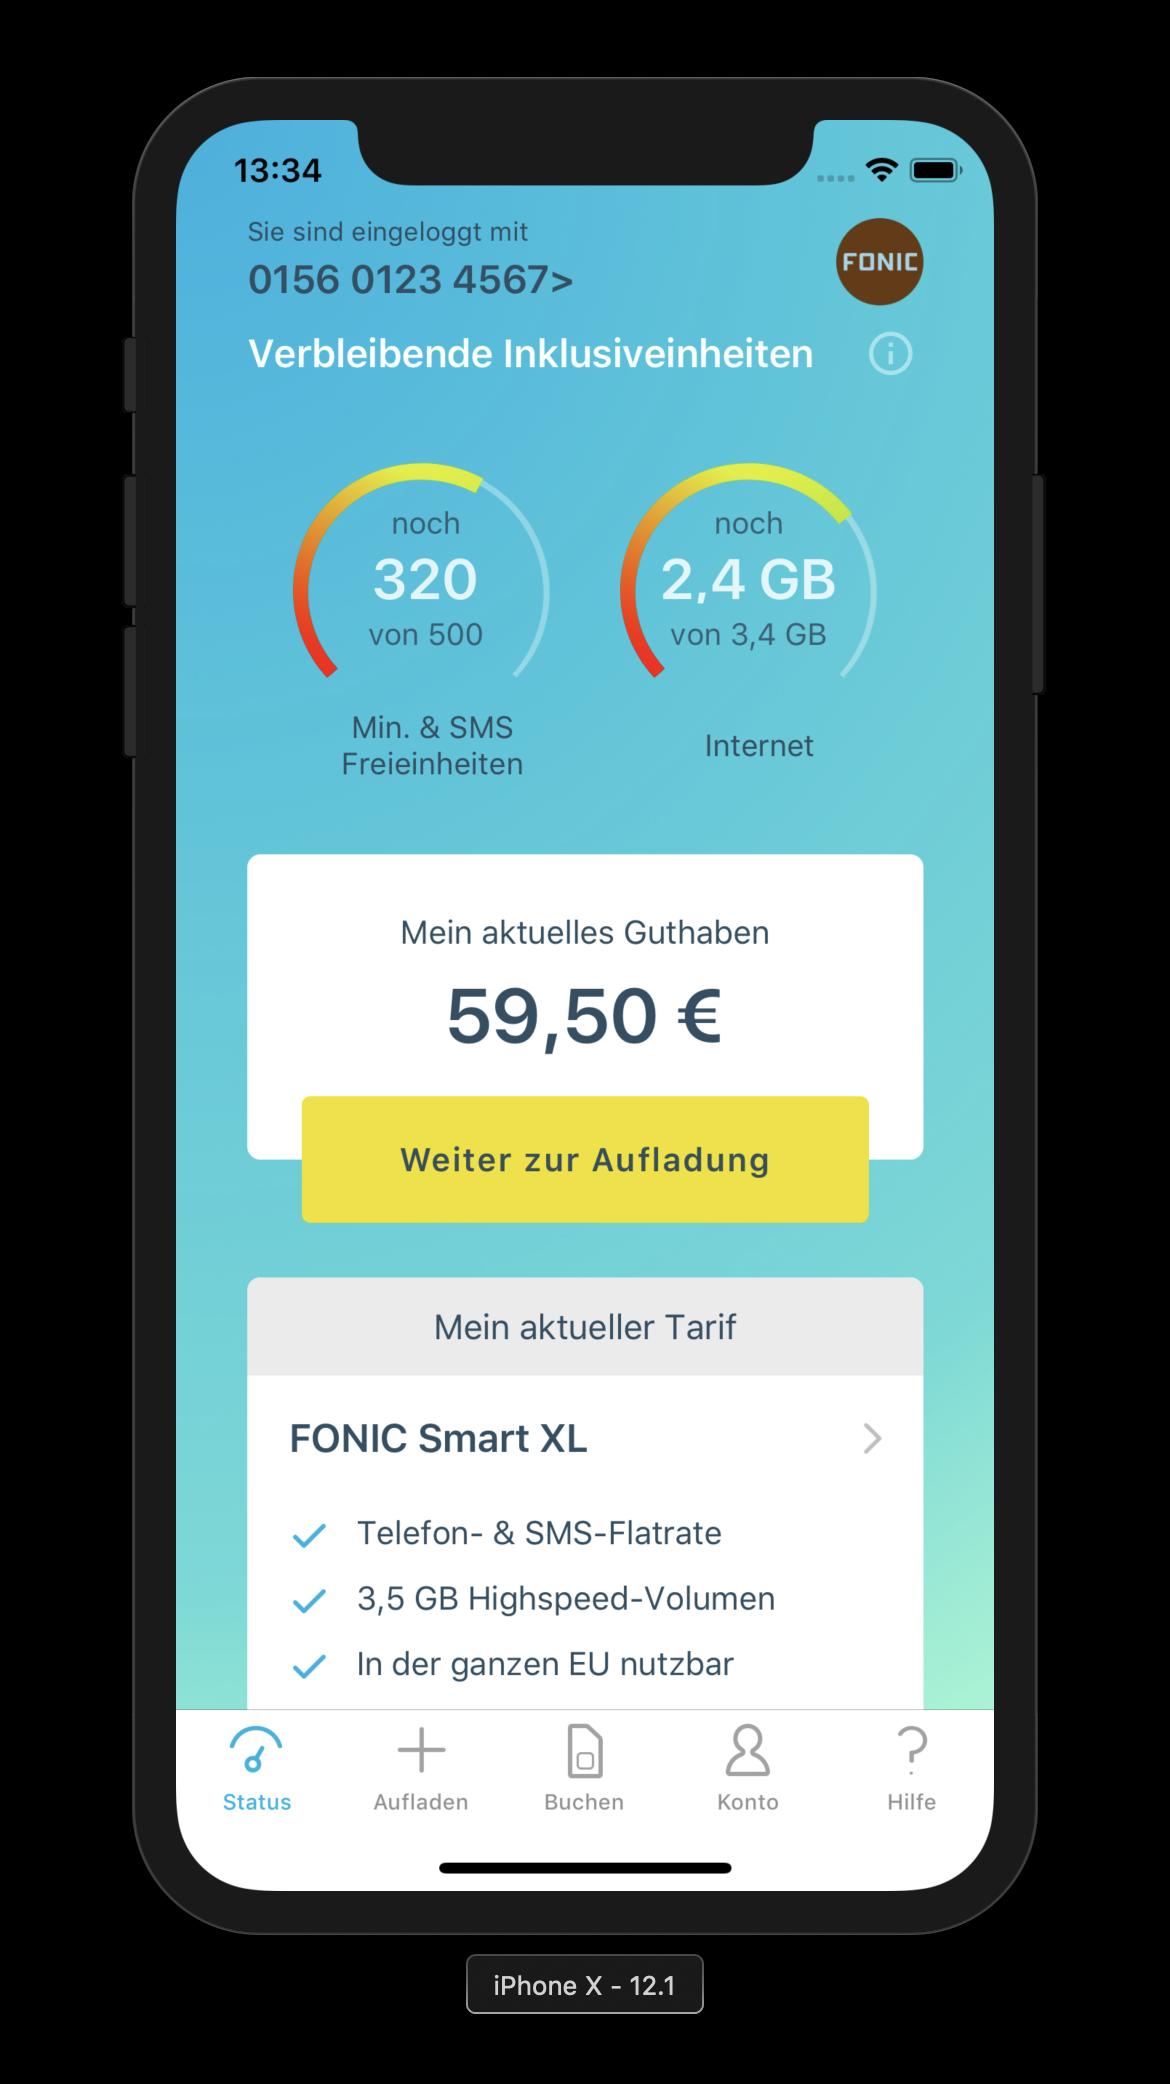 Ein iPhone X mit geöffneter Fonic-App, die die verbleibenden Inklusiveinheiten anzeigt